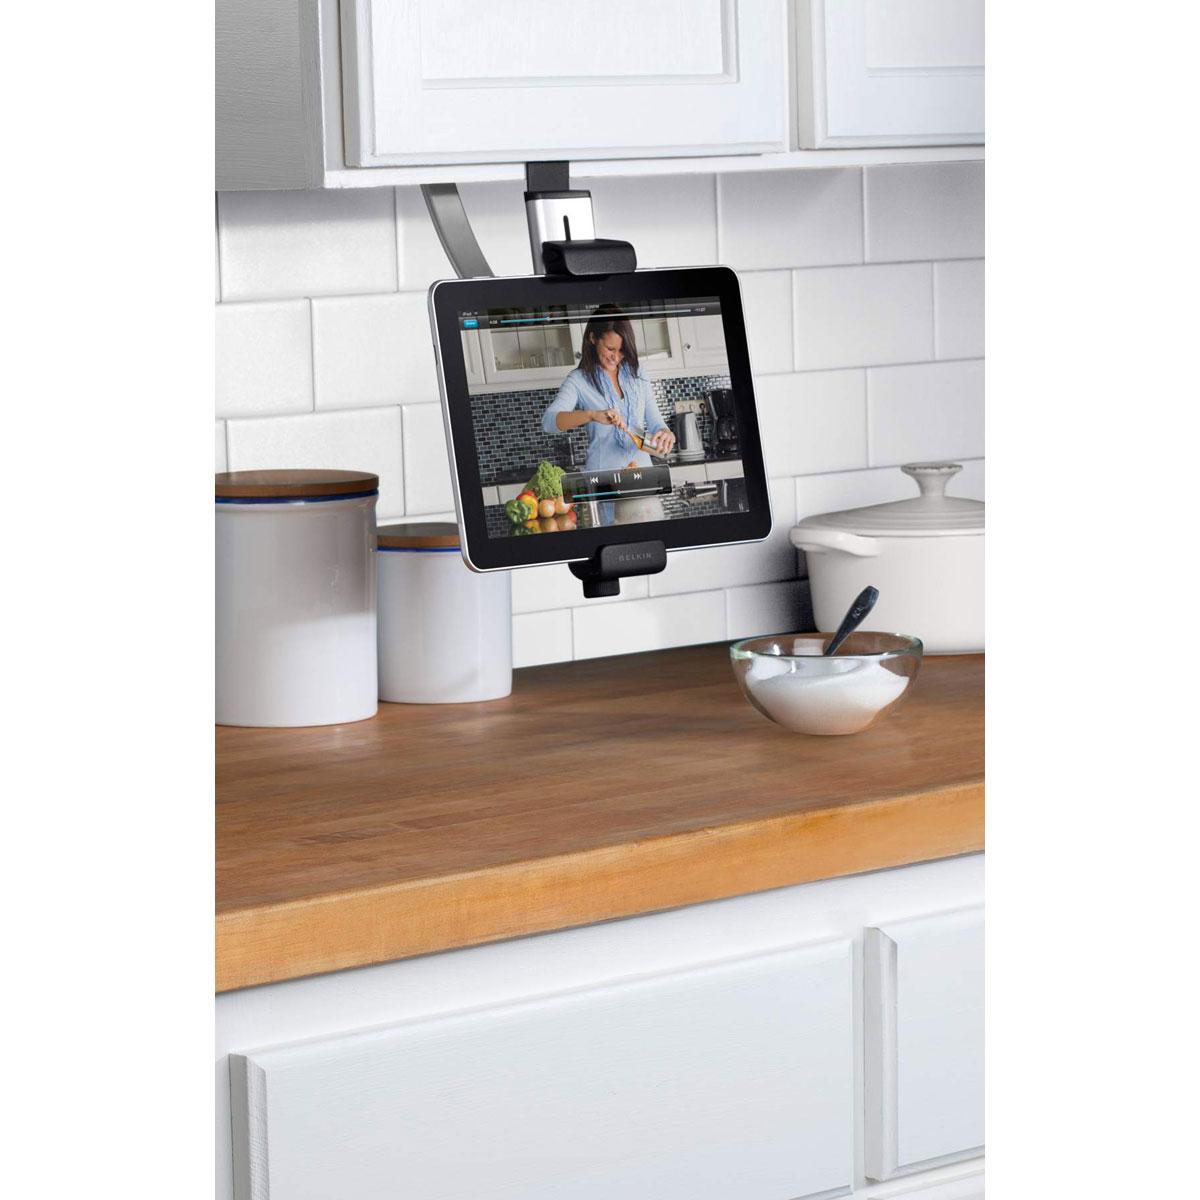 Accessoires Tablette Belkin Kitchen Cabinet Mount Porte-tablette universel pour armoire de cuisine (pour tablette jusqu'à 10.1'')